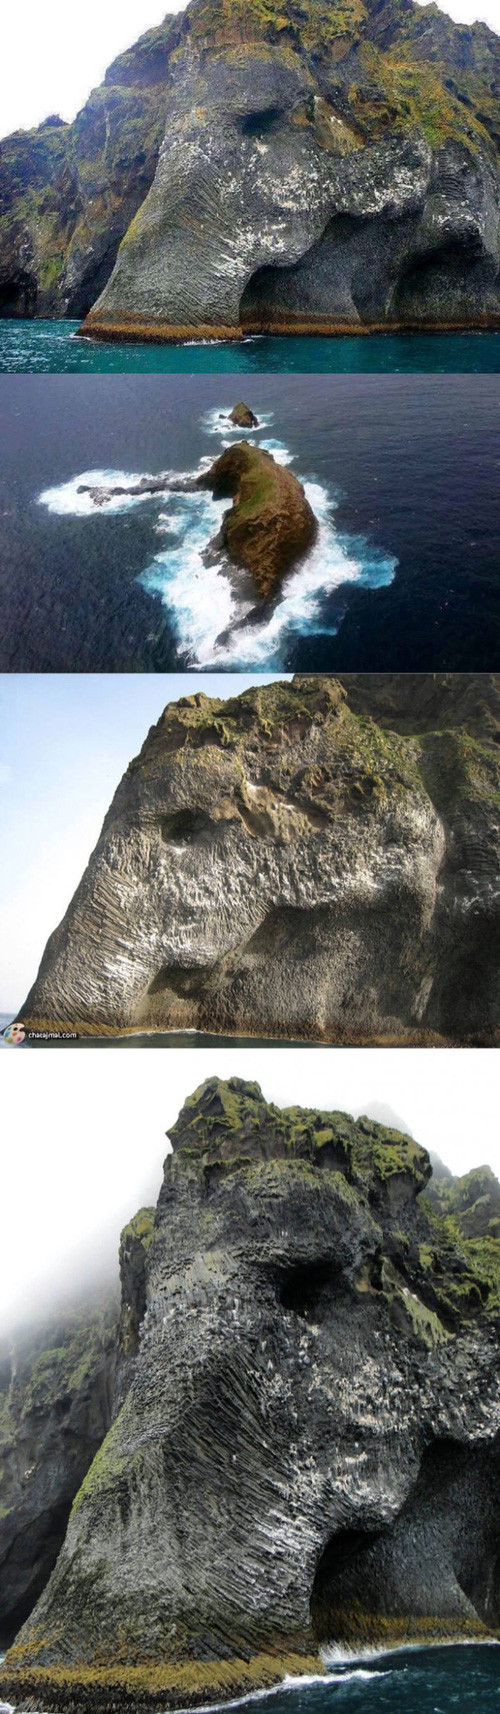 Hóa ra đảo con voi trong siêu phẩm One Piece là có thật